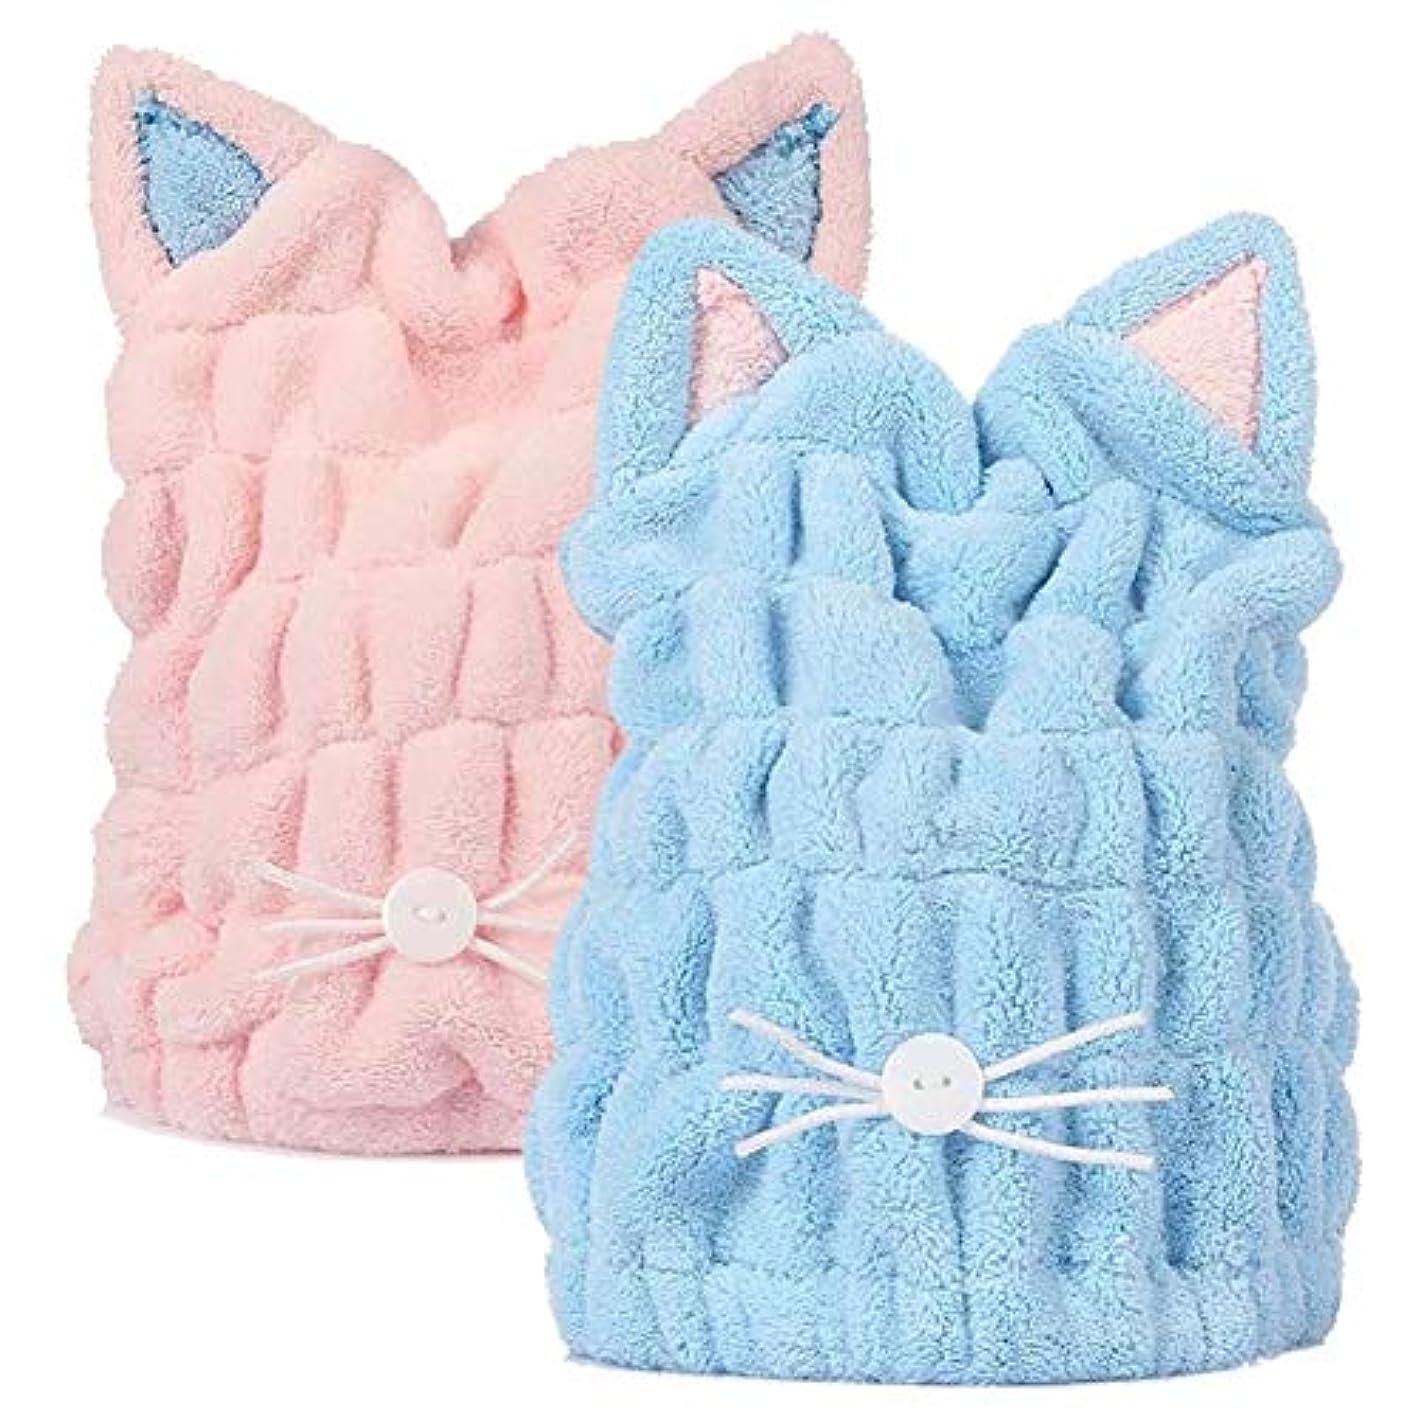 回転食品船尾JIEMEIRUI ヘアドライタオル 大人も子供も使える シャワーキャップ タオルキャップ 風邪を防ぐ 吸水 速乾 髪 ふわもこ ドライキャップ ヘアターバン 強い吸水性 お風呂上がり バス用品 (猫ちゃんー2枚セット)